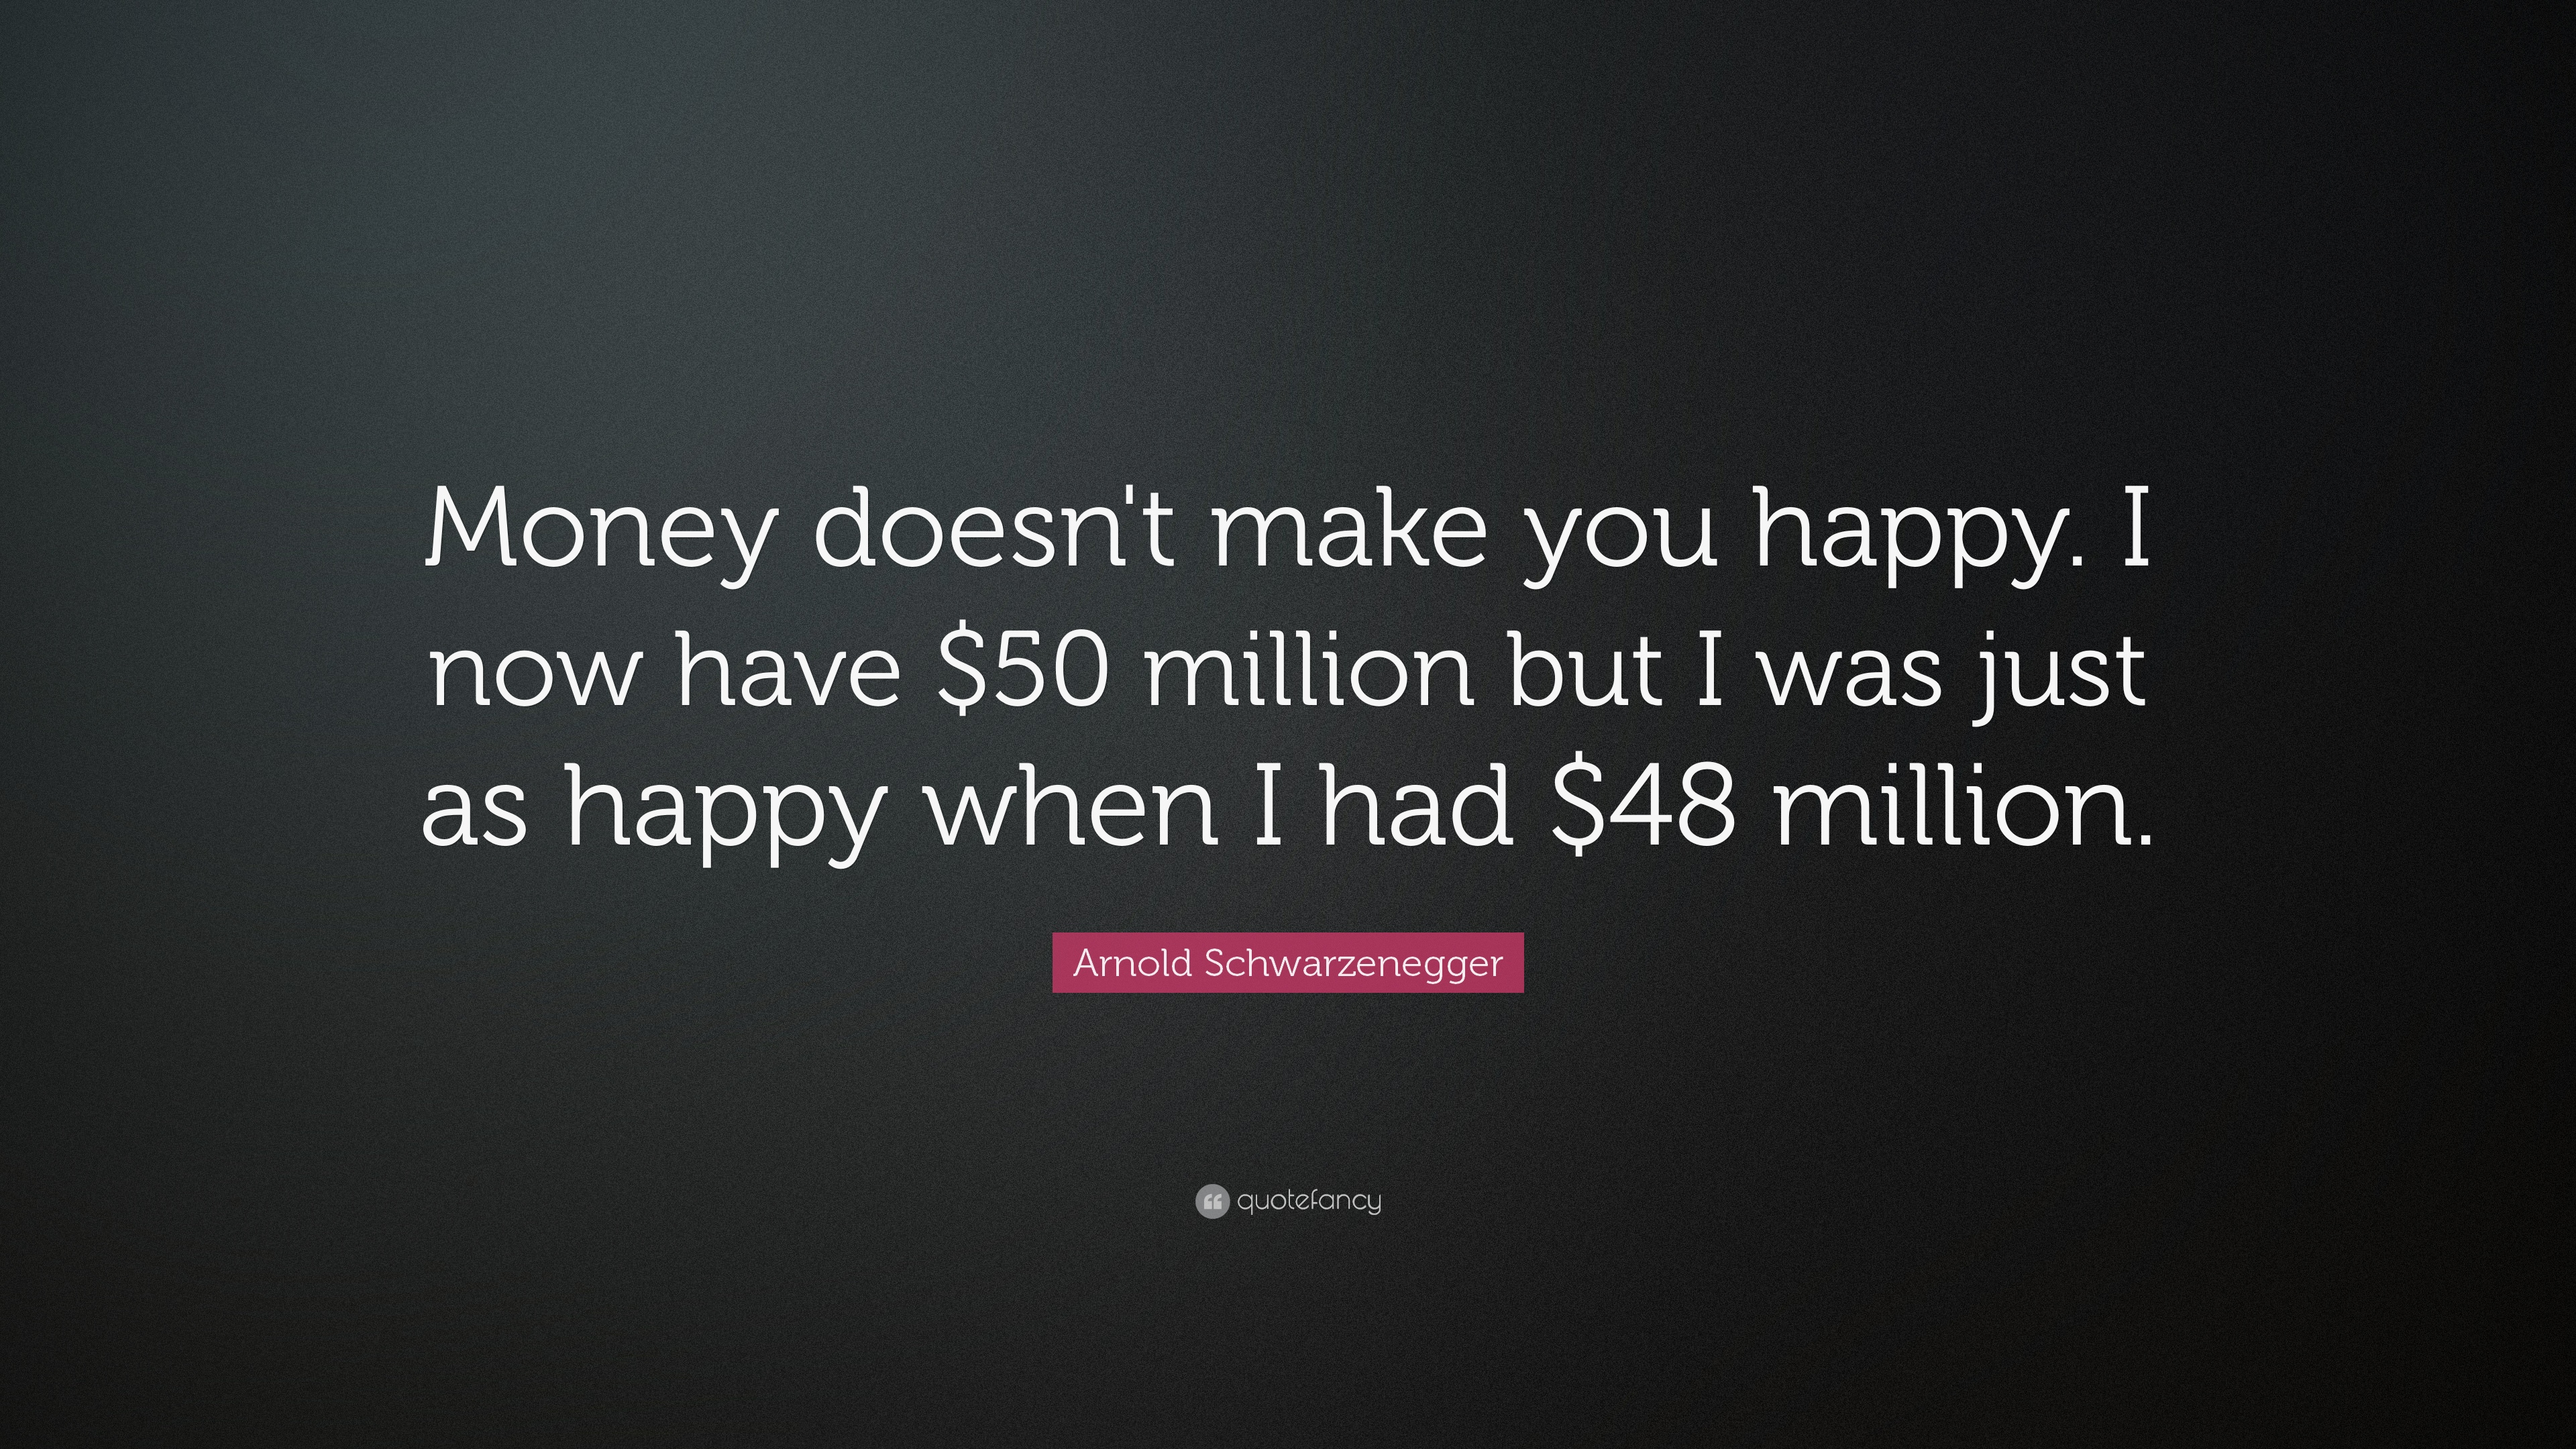 Now you happy